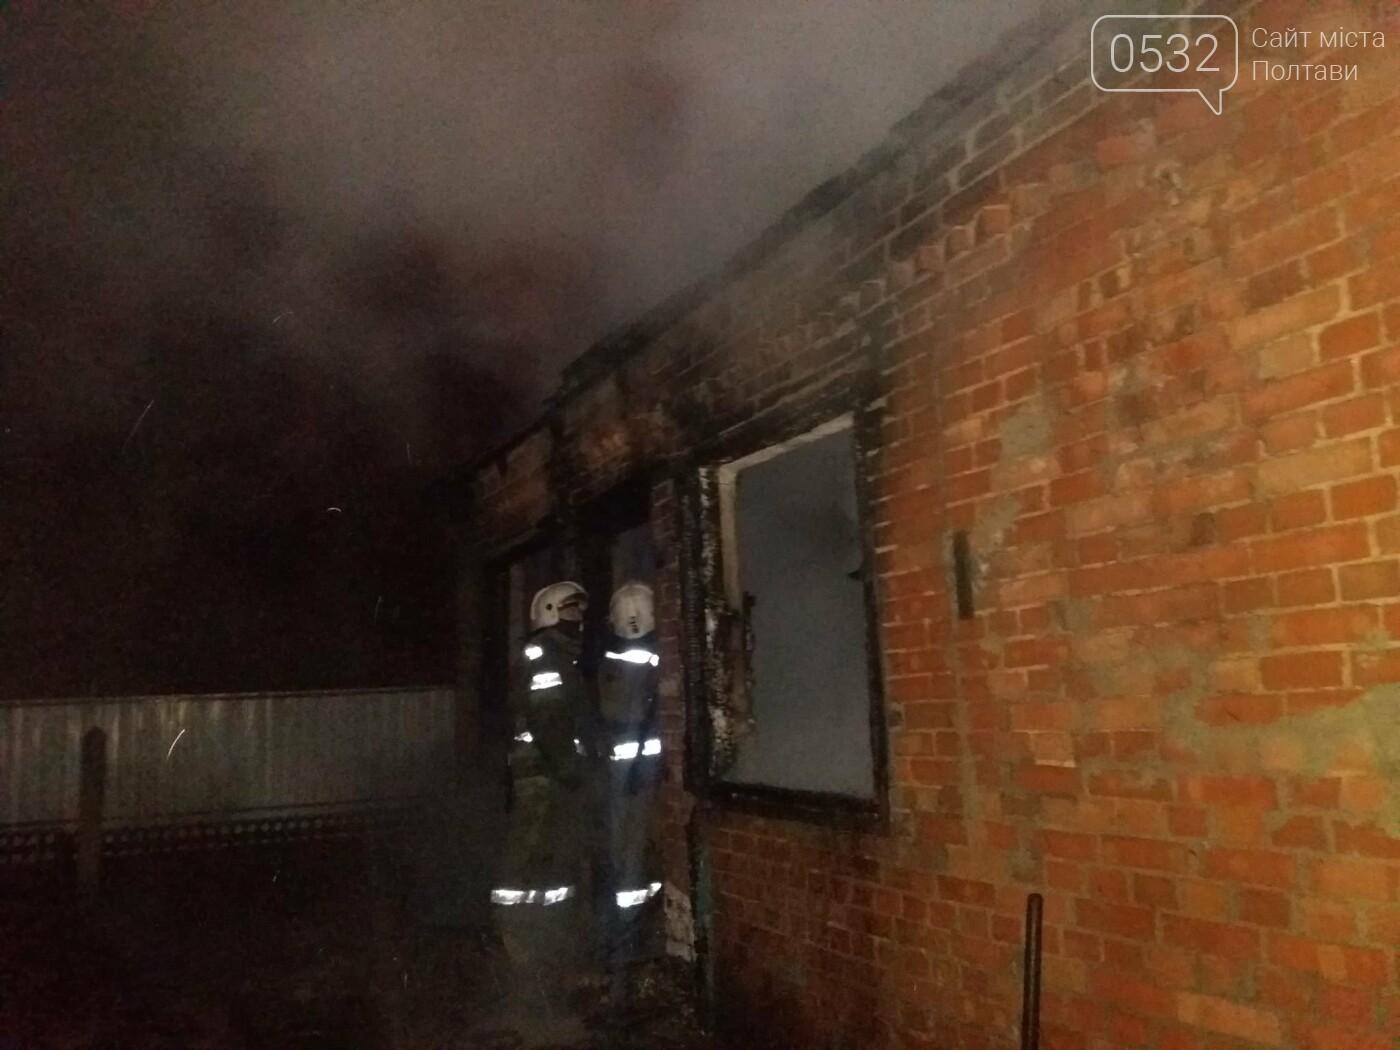 Вночі у Полтаві сталася пожежа у приватному секторі, фото-1